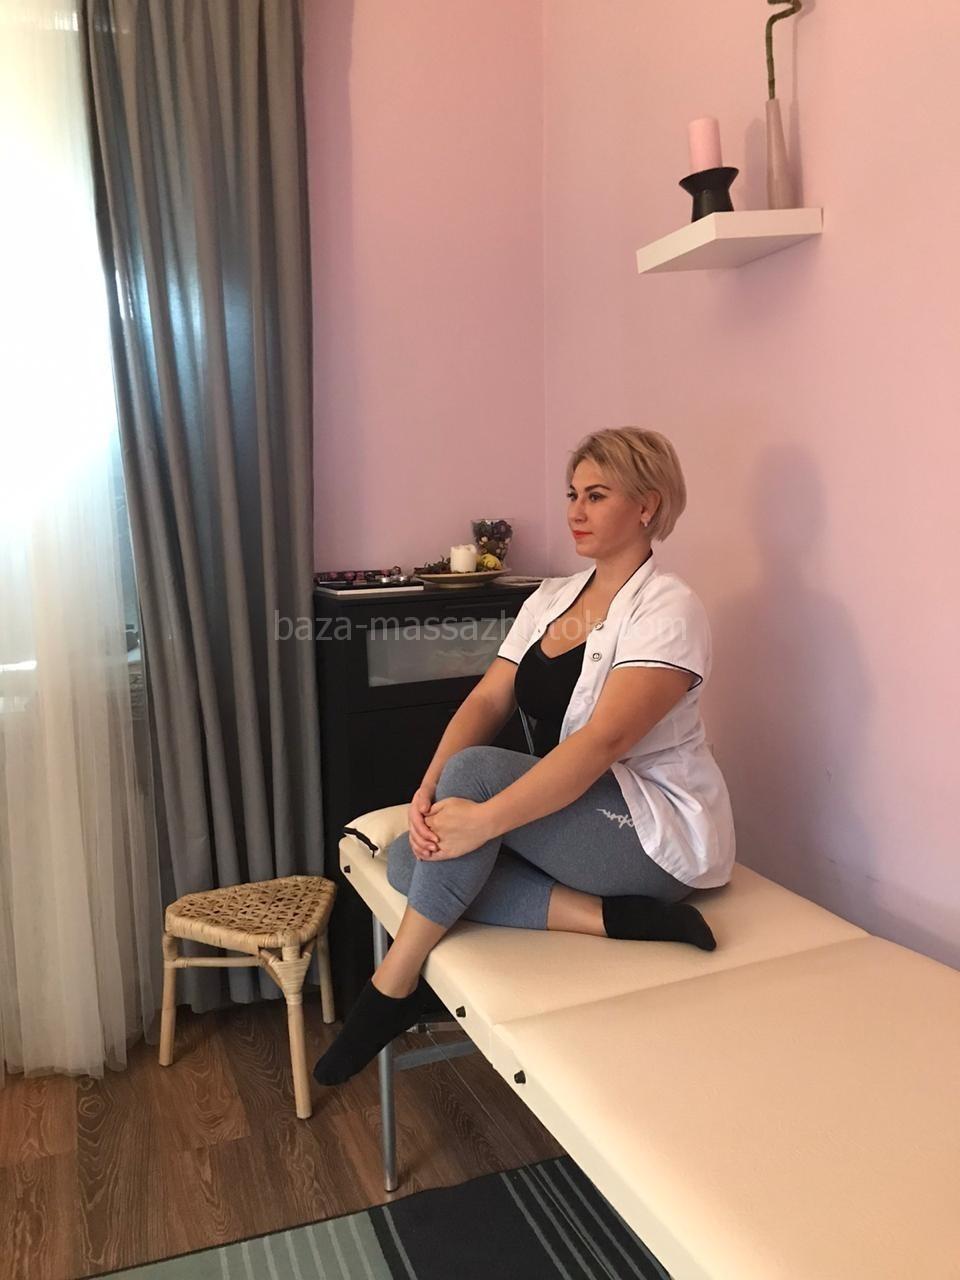 Массаж для мужа расслабляющий в домашних условиях. как правильно сделать массаж своему любимому